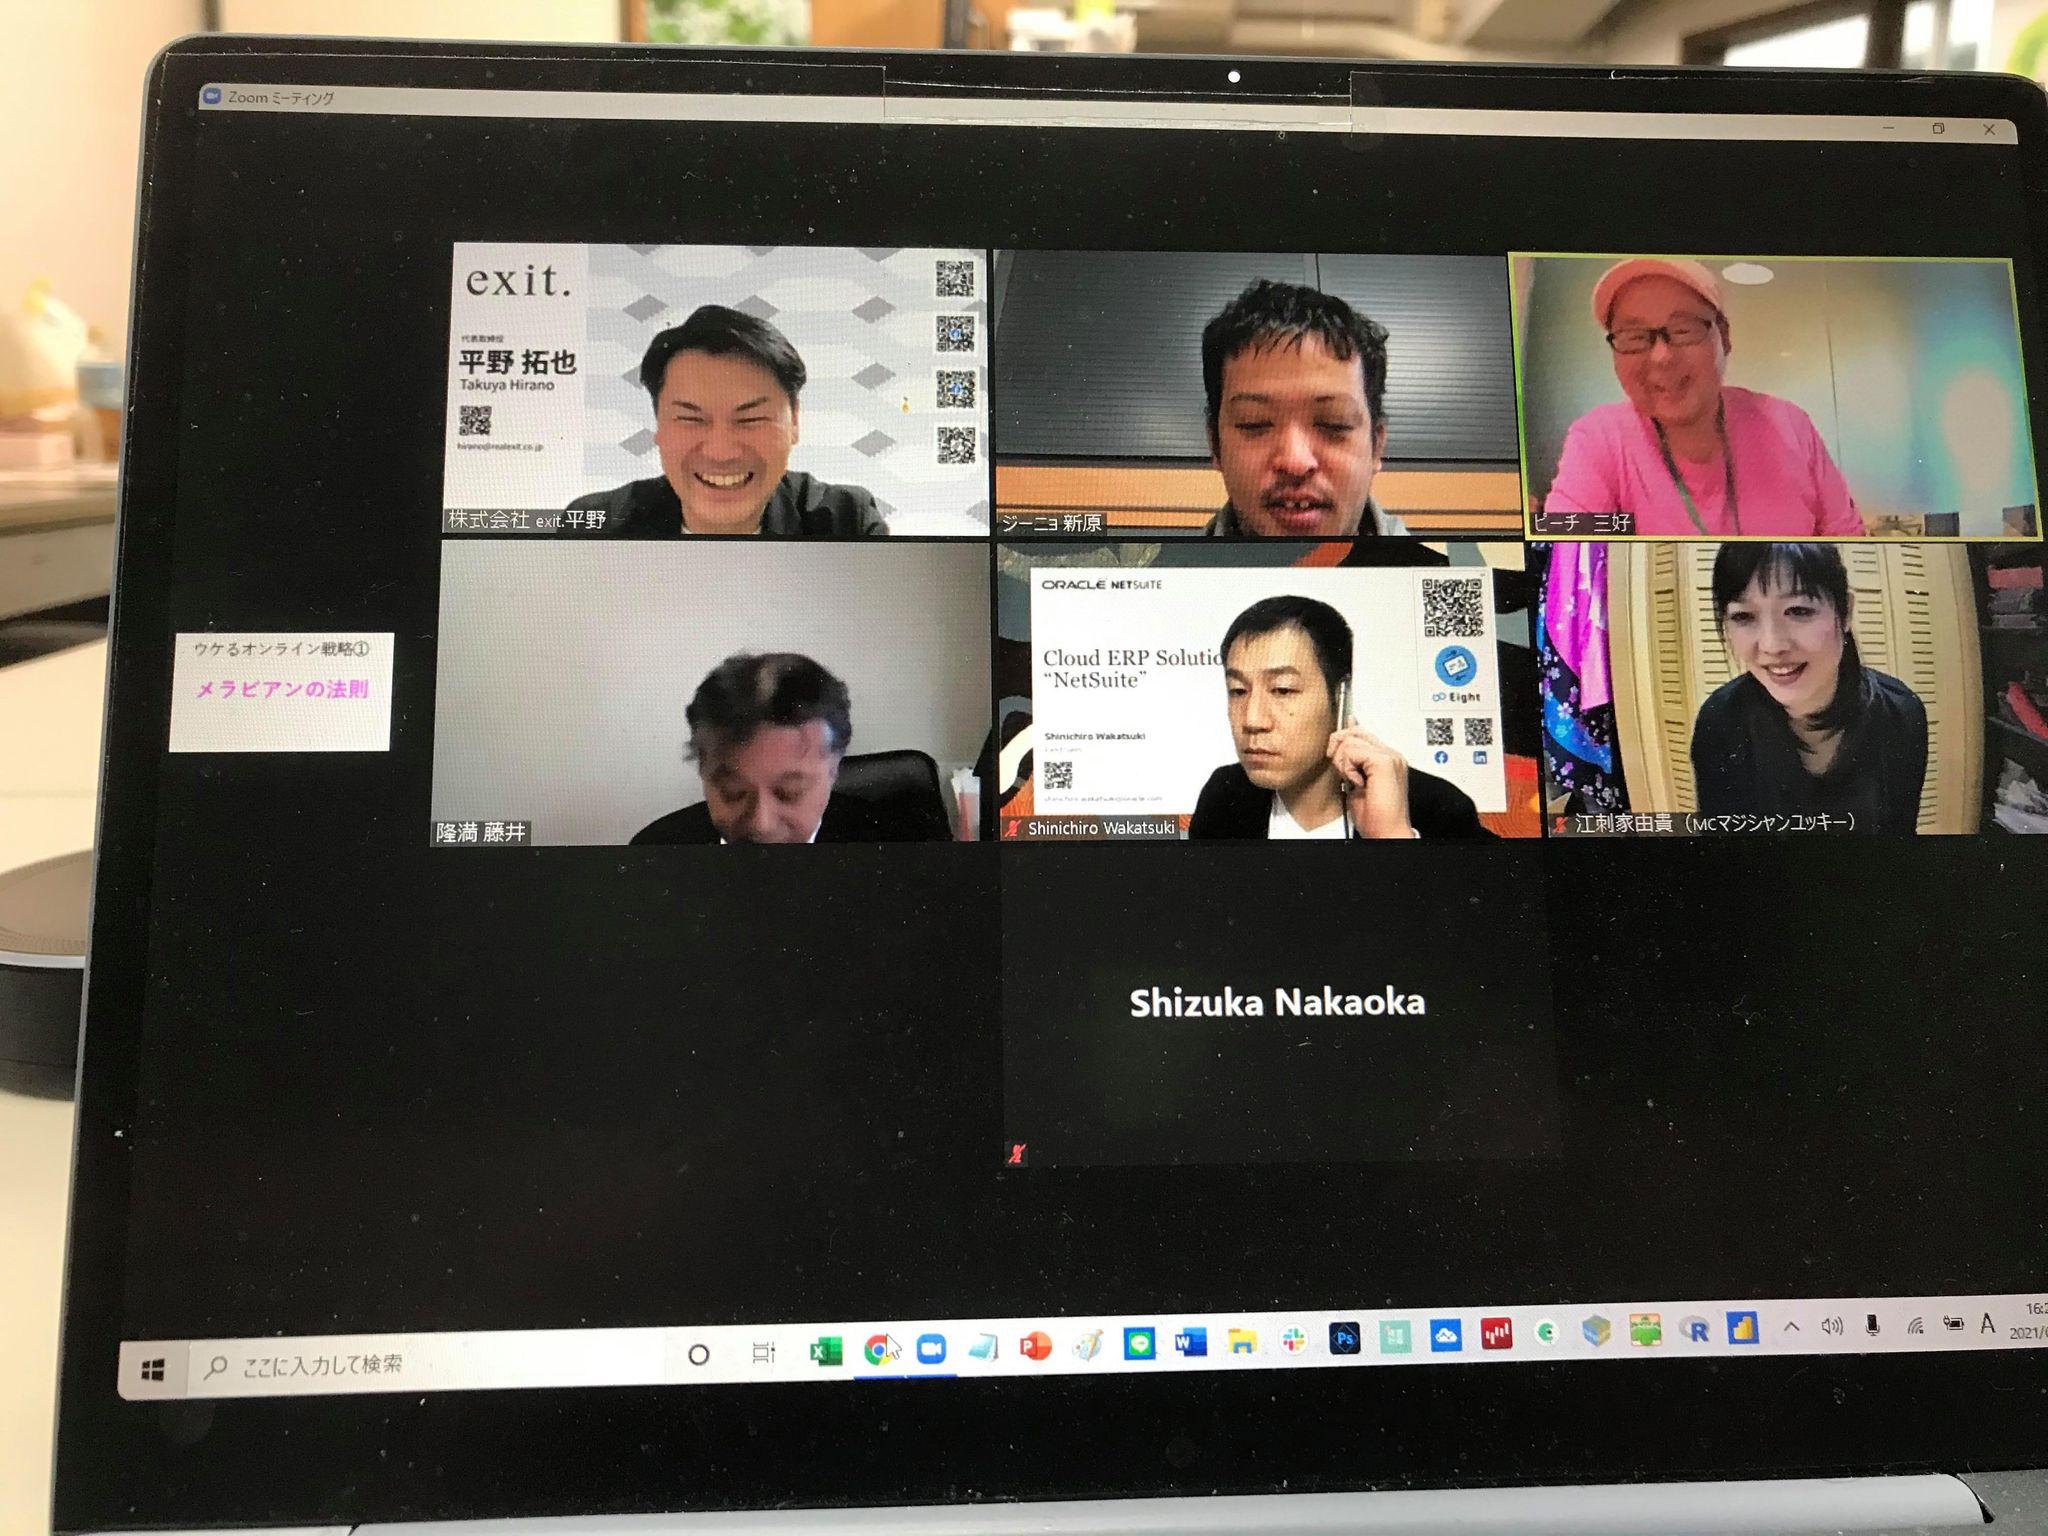 4月27日(火)16:00~ 士業のためのウケるオンラインコミニケーション術】お笑い&スピーチの天才!ピーチさんを囲むエンタメ座談会を開催しました